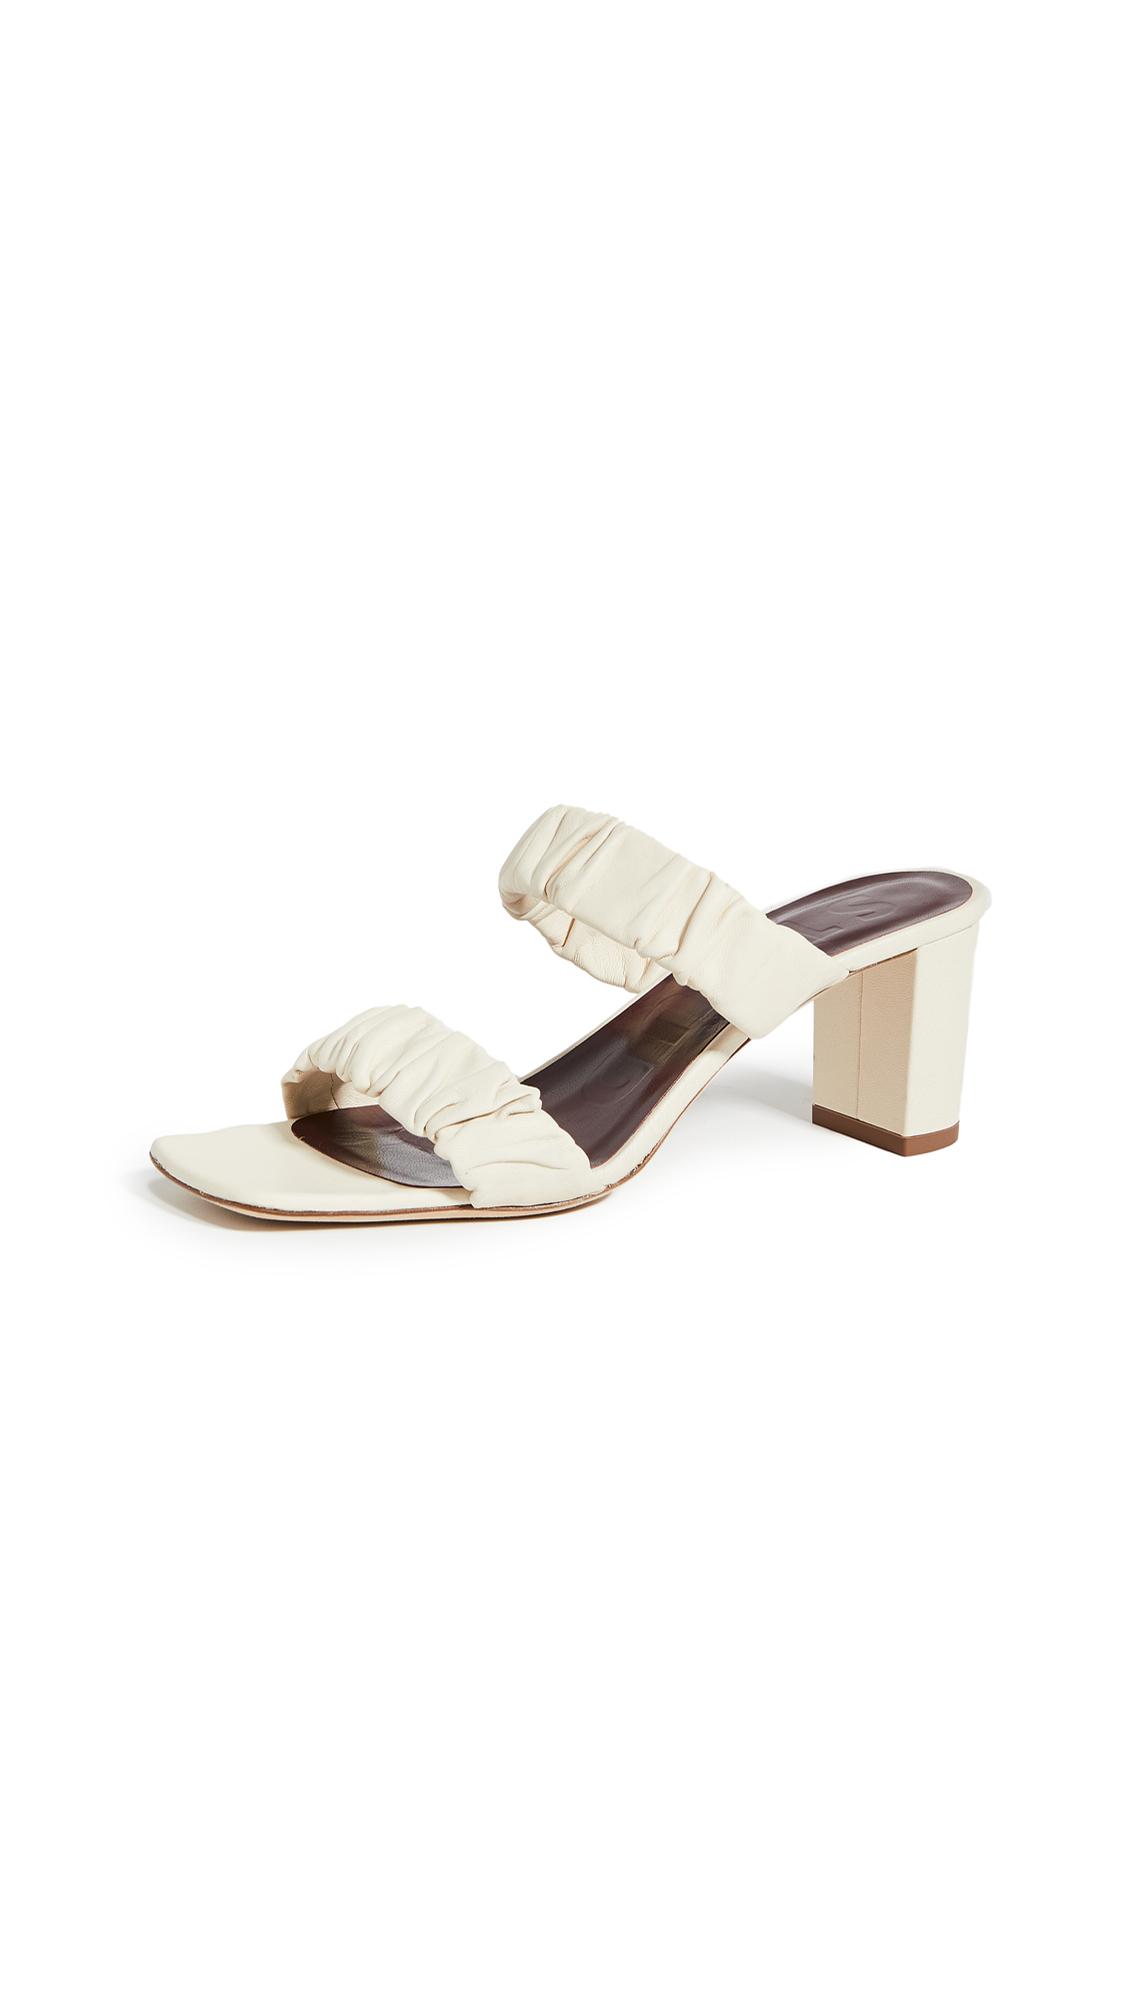 Buy STAUD Frankie Ruched Slides online, shop STAUD